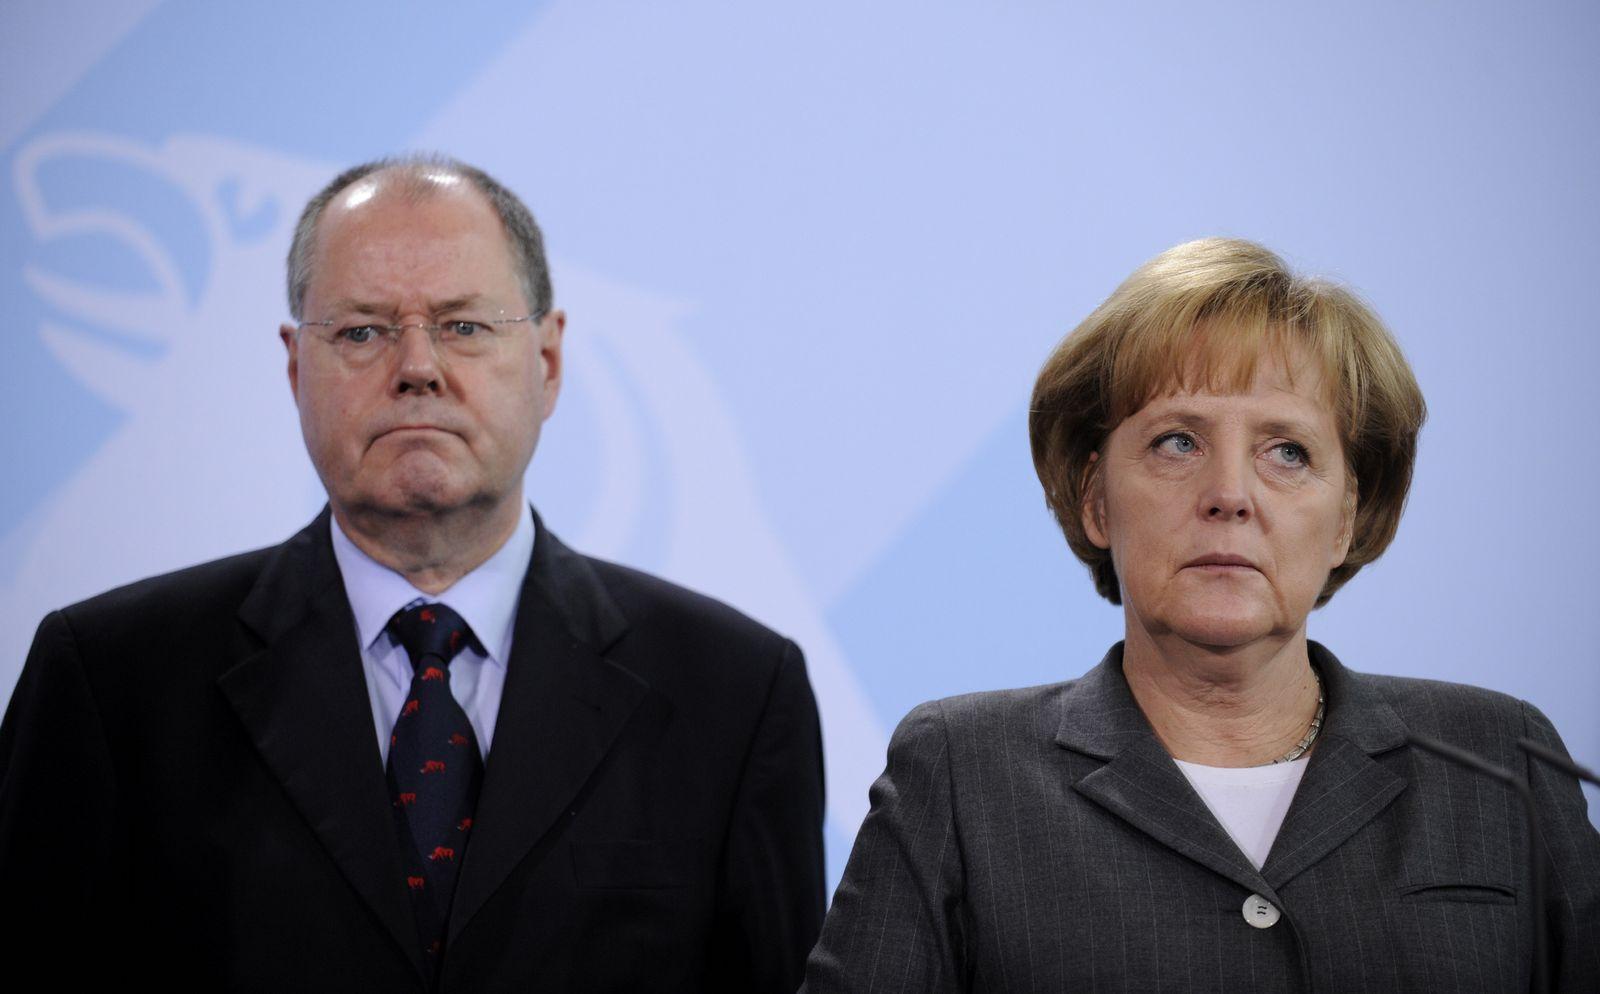 NICHT VERWENDEN Peer Steinbrueck / Angela Merkel